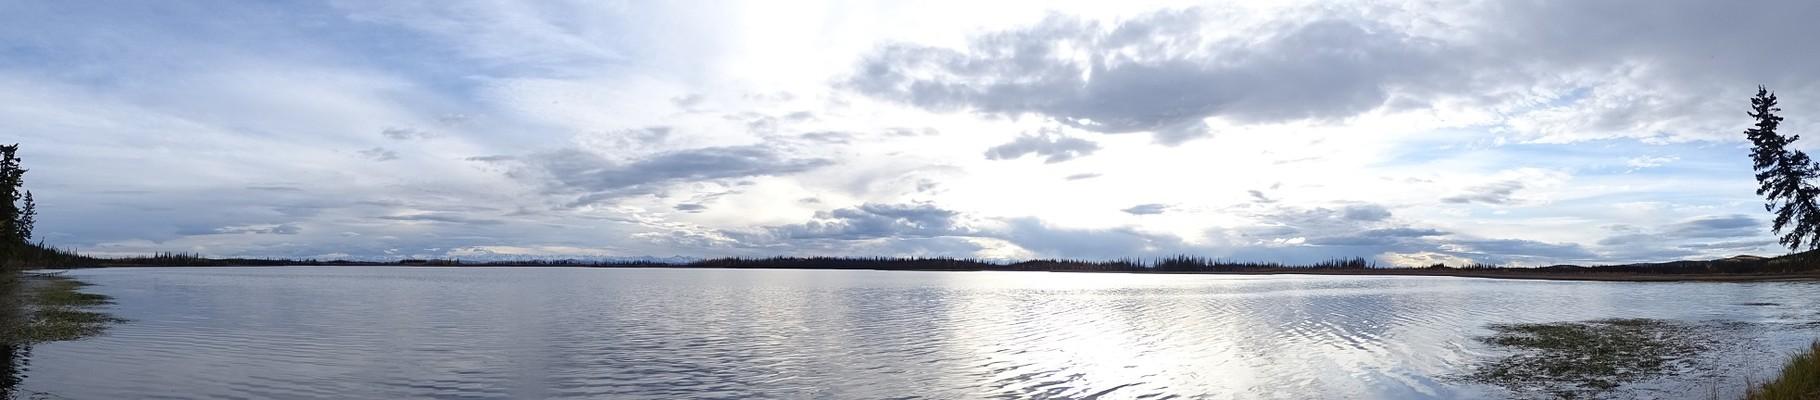 Yarger Lake